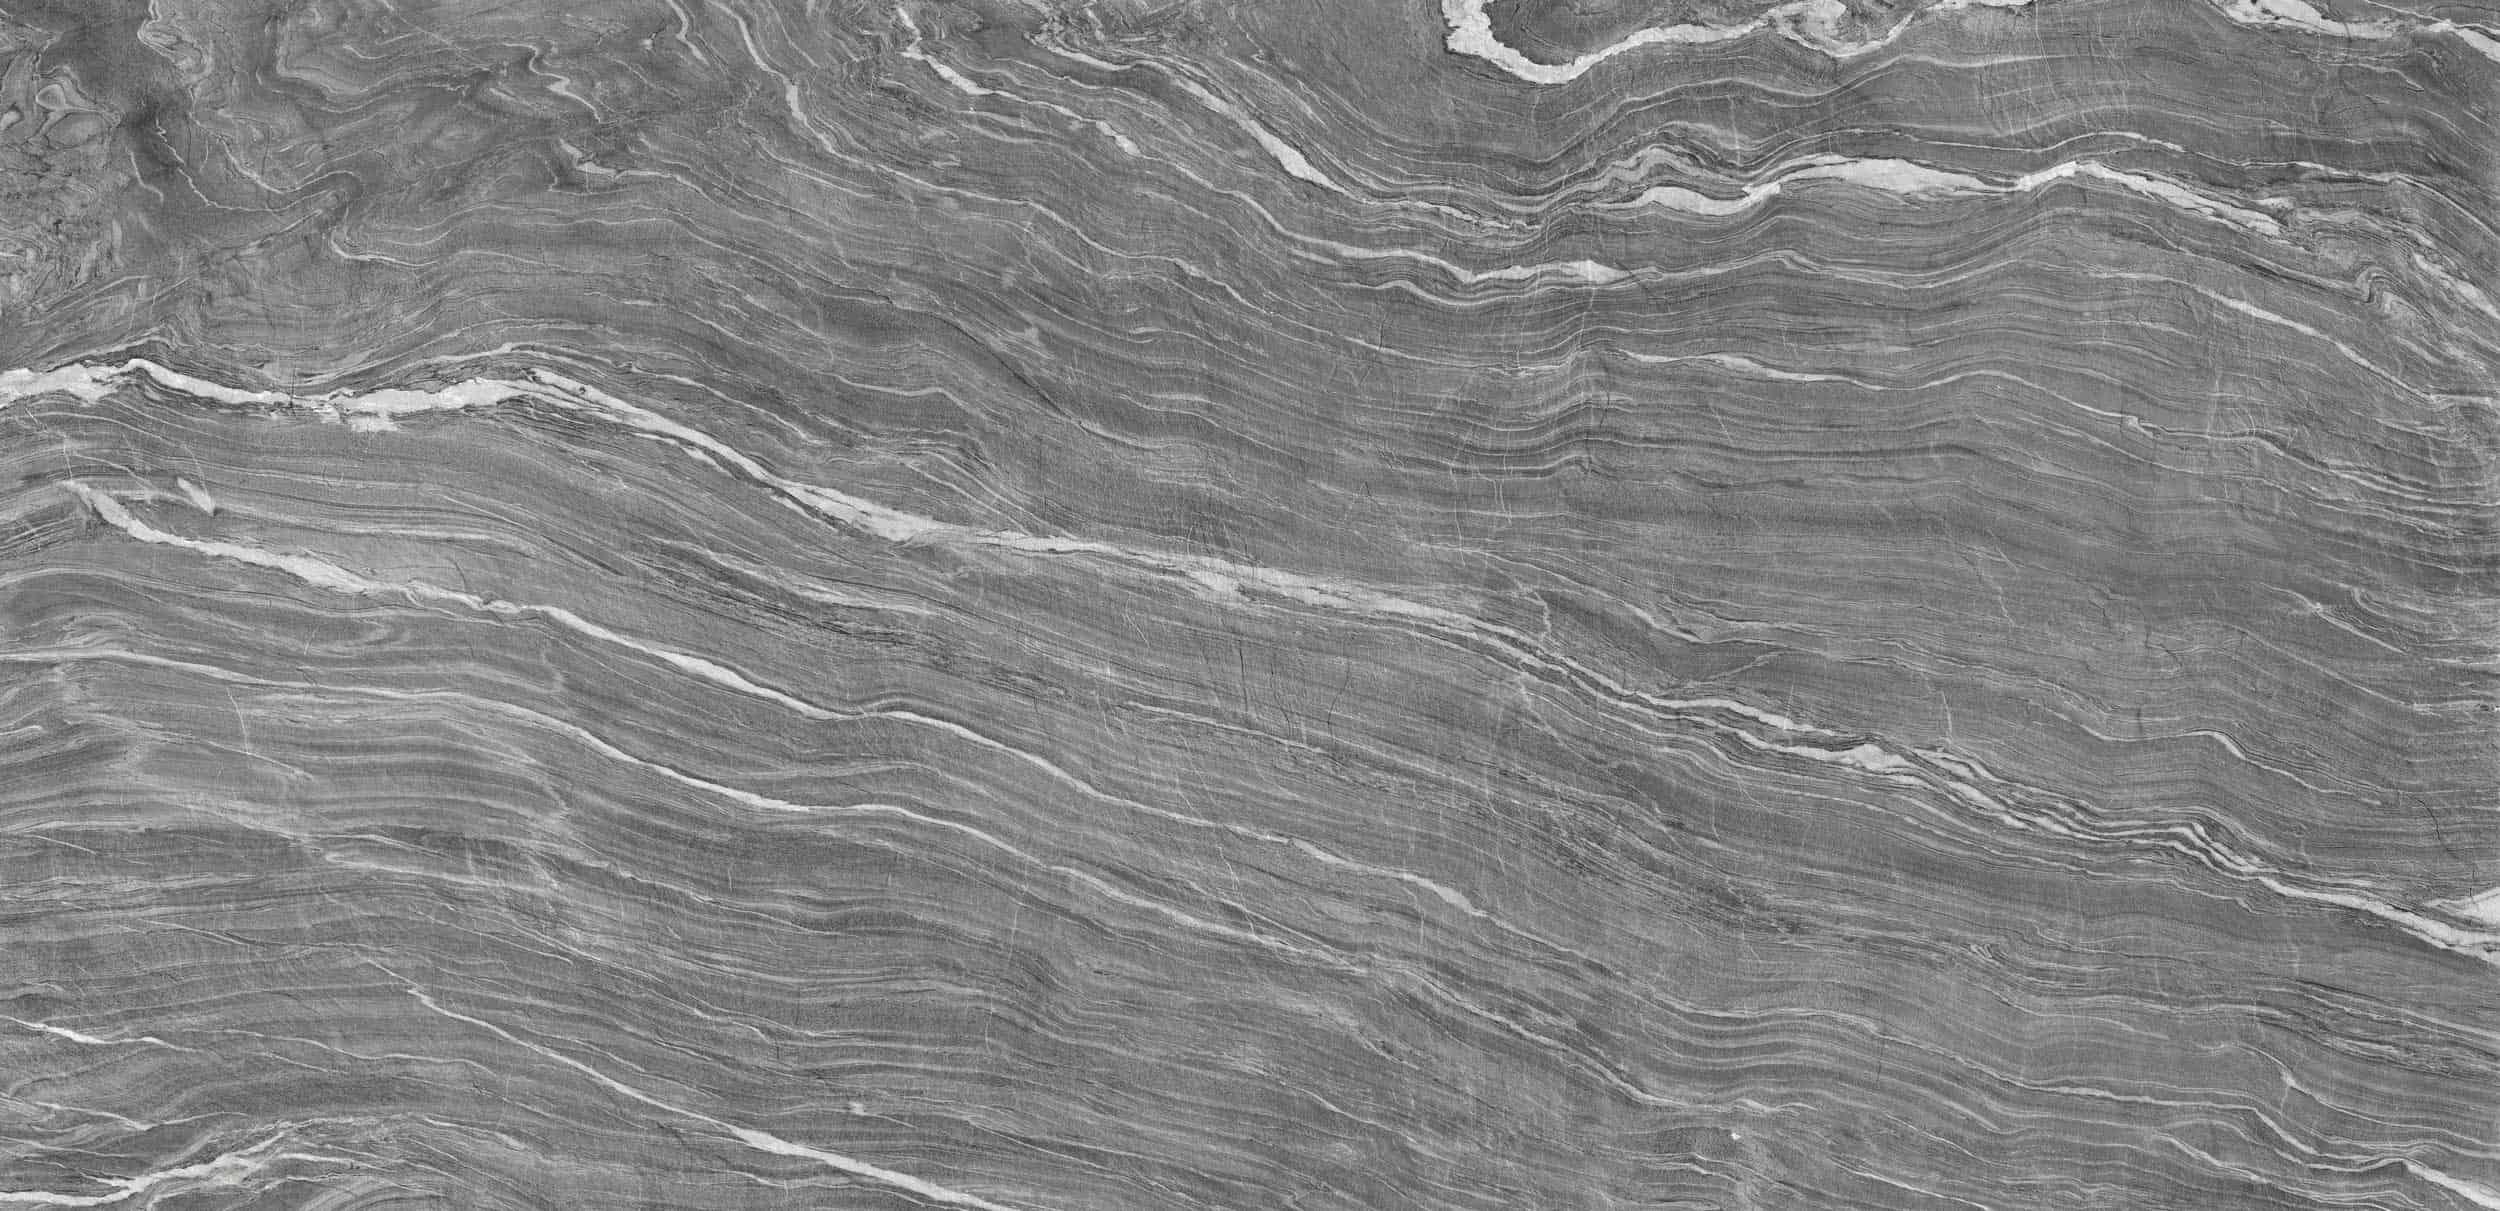 Color neolith mar del plata